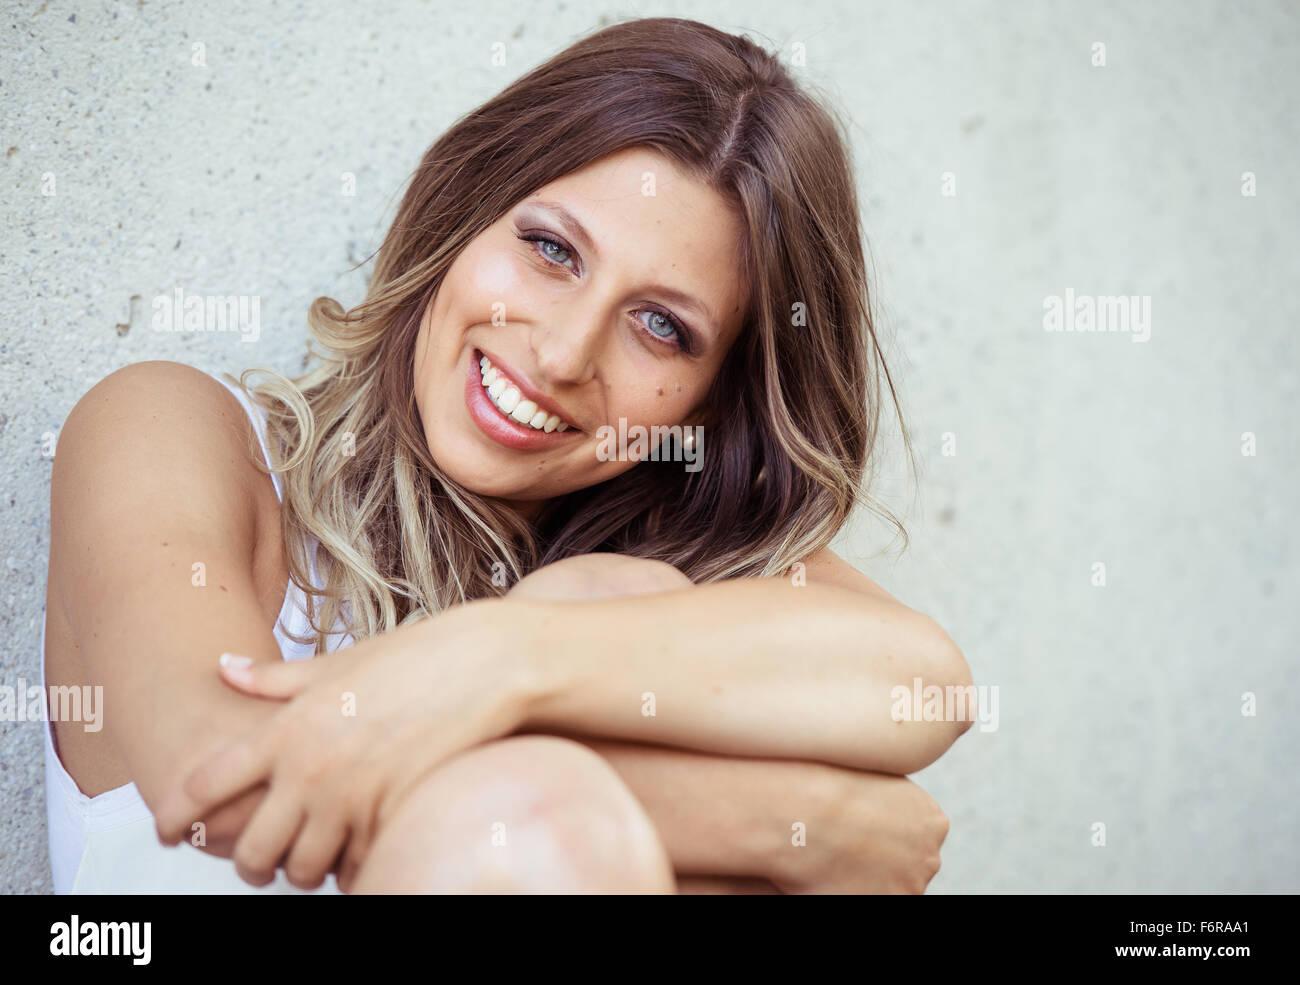 Giovane, bella donna, sorridente, con i capelli lunghi e gli occhi blu, ritratto Immagini Stock